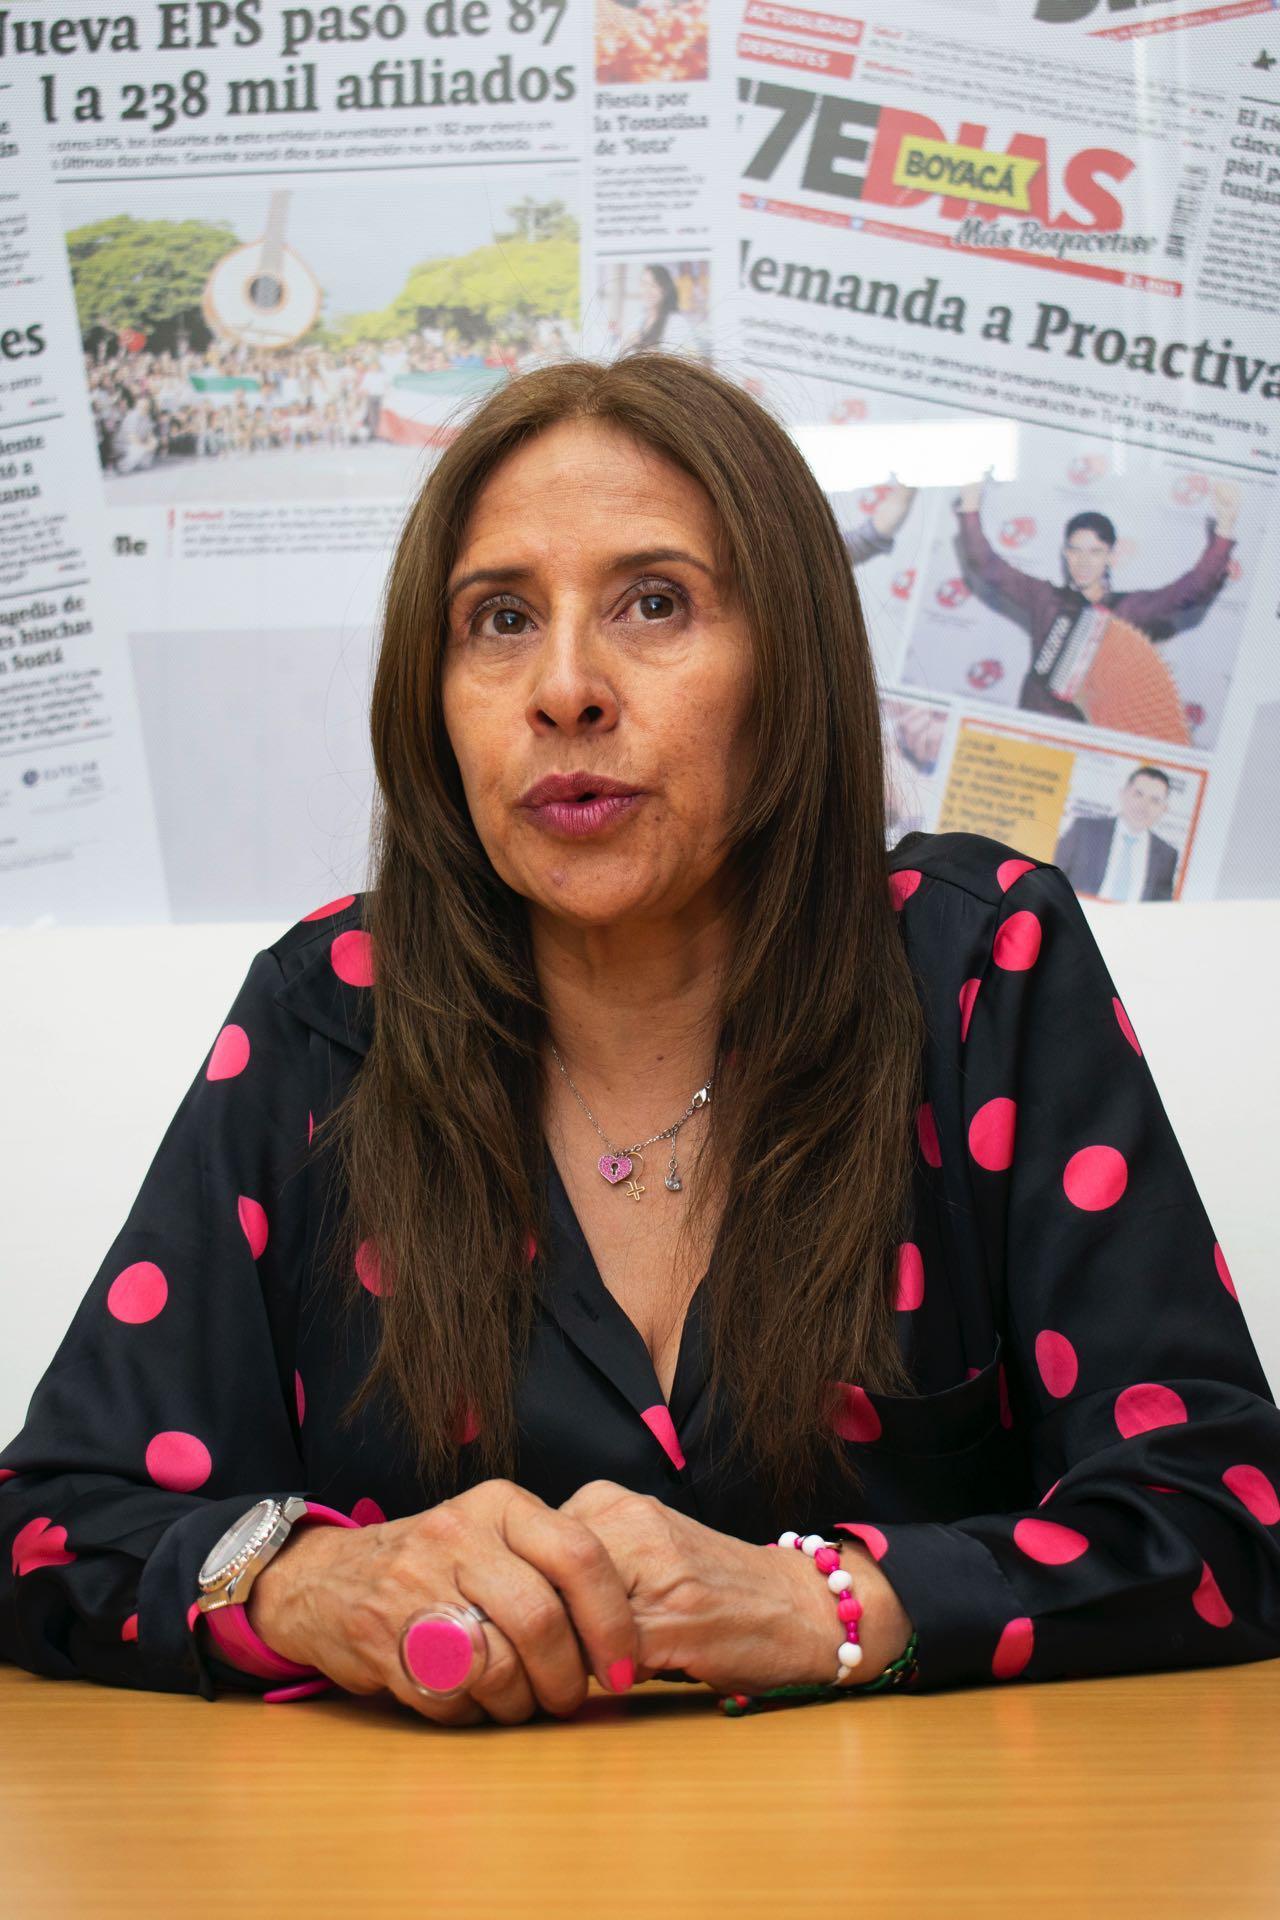 El Tribunal Administrativo de Boyacá compulsó copias a la Procuraduría desde mediados de 2013, pero solo hasta ahora se dio el fallo. Foto: Alcaldesa de Duitama Constanza Ramírez